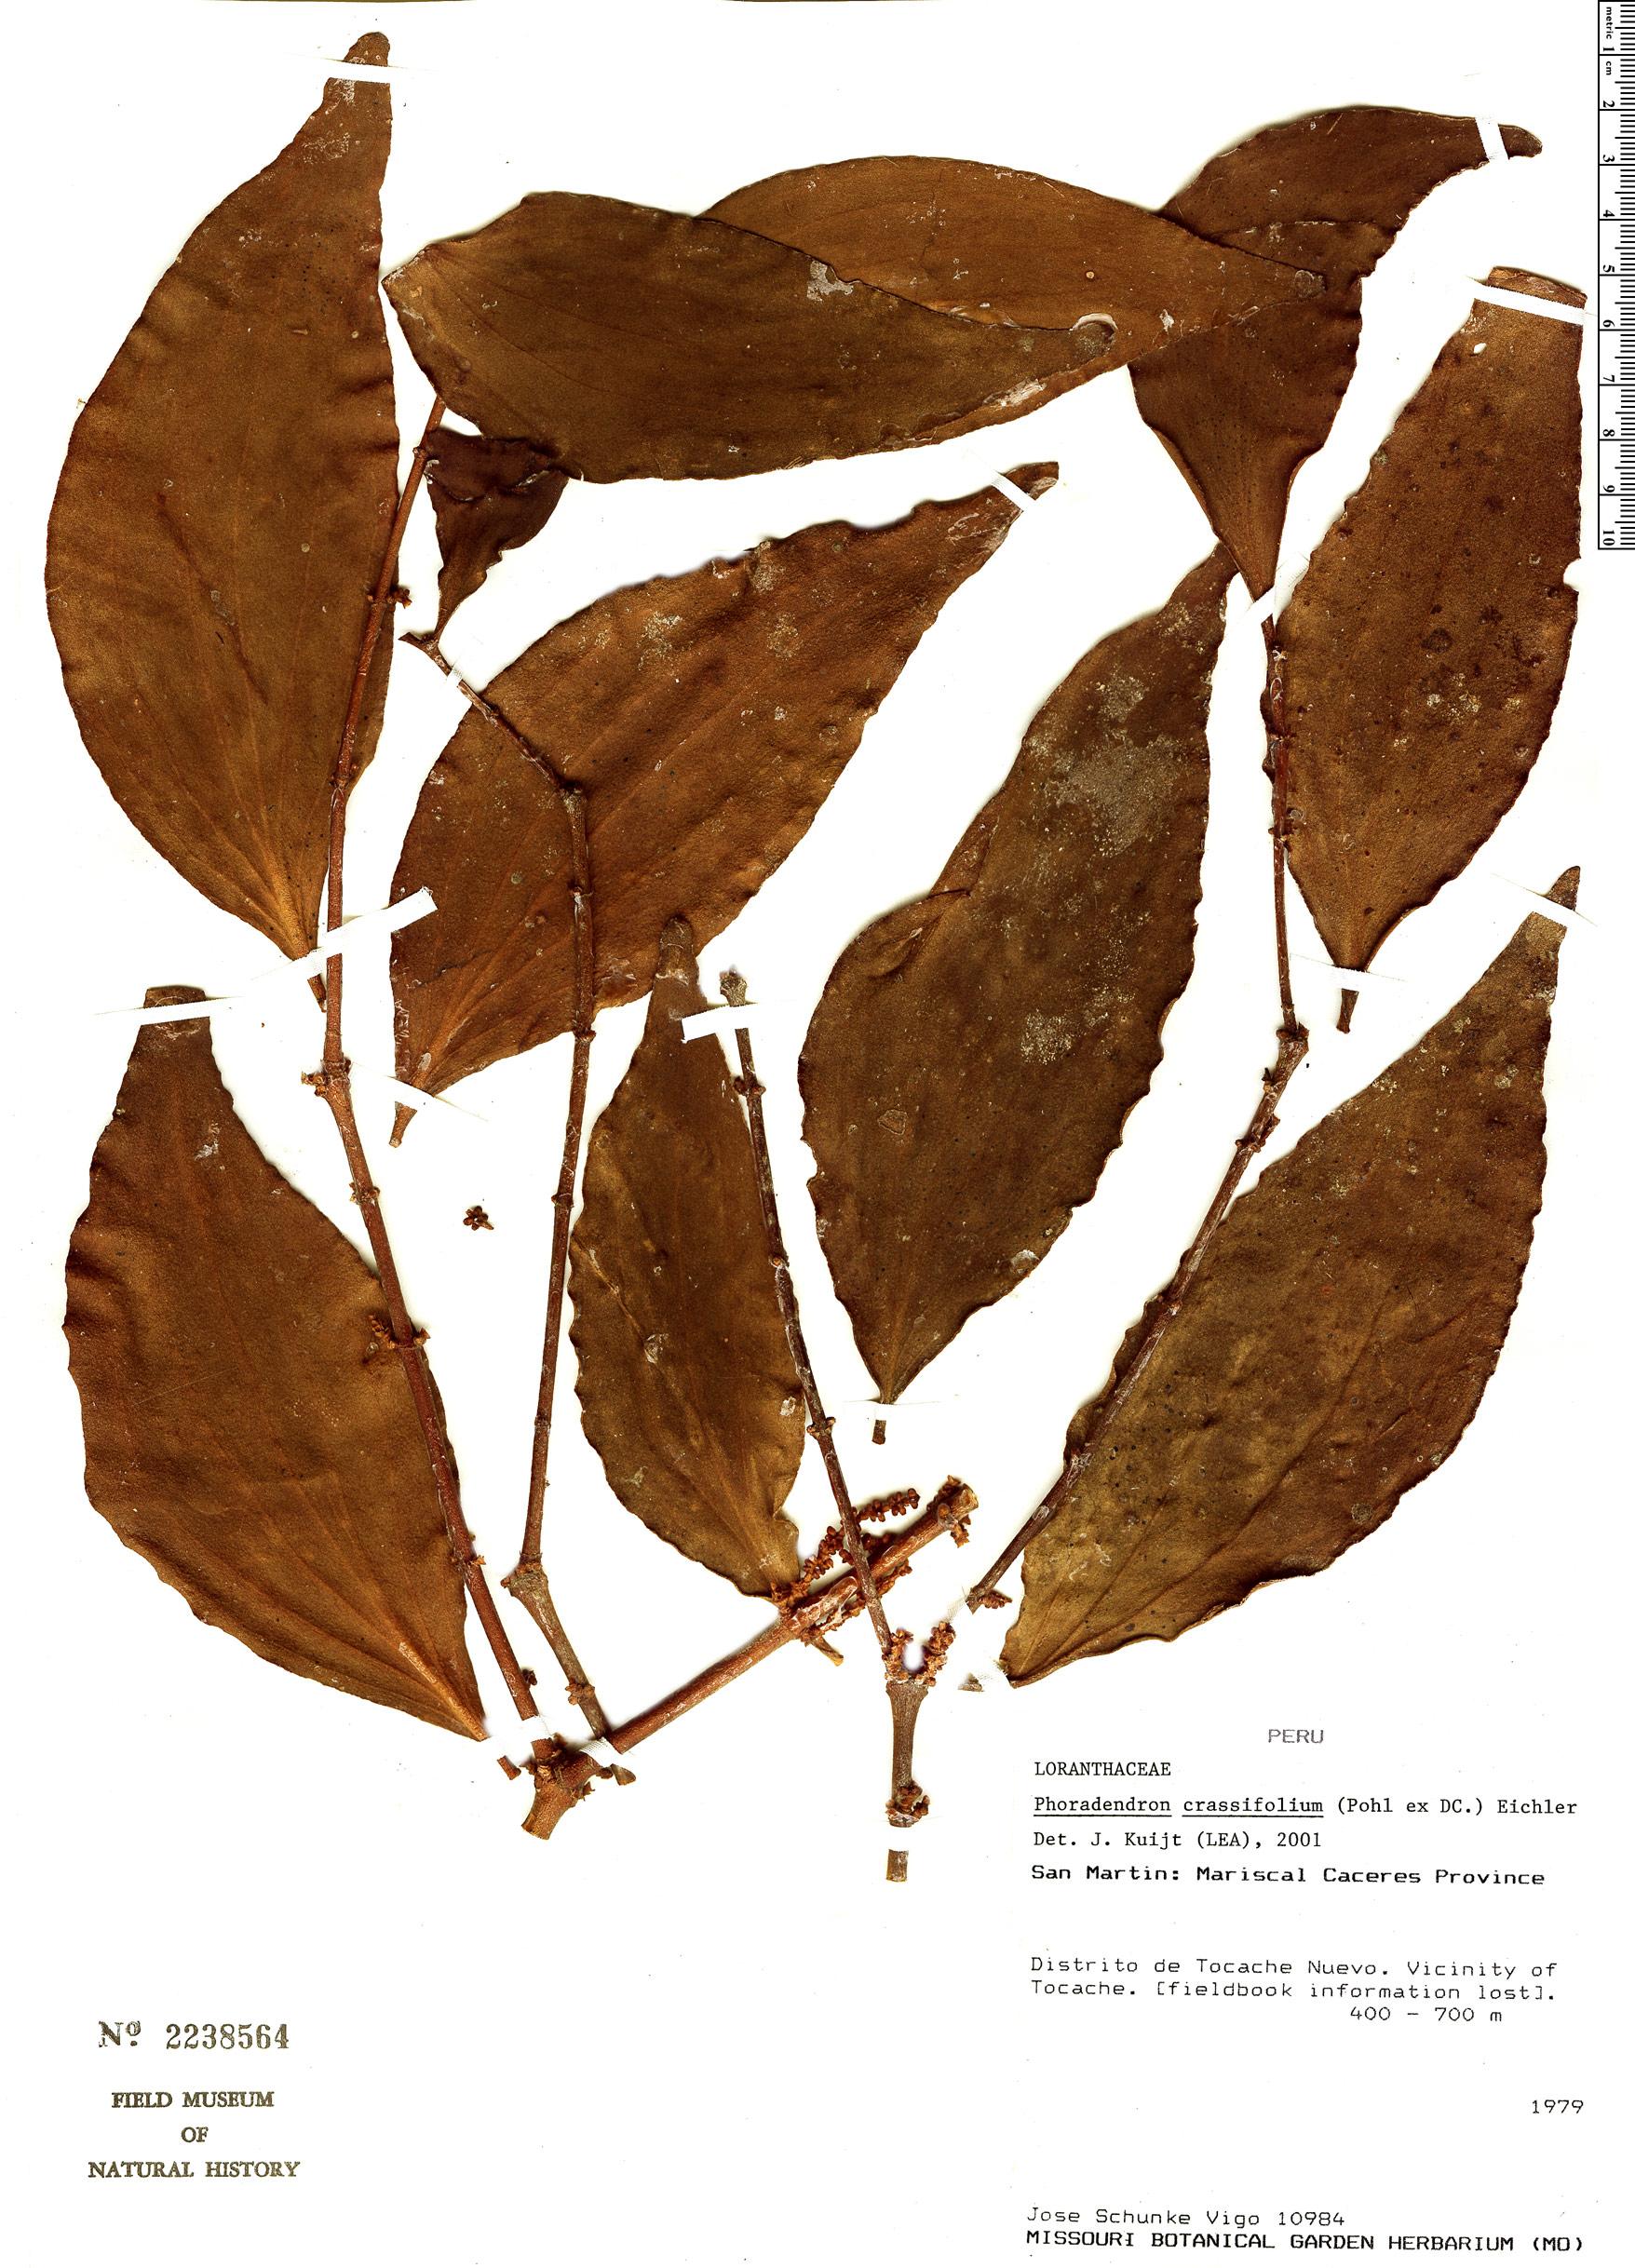 Specimen: Phoradendron crassifolium